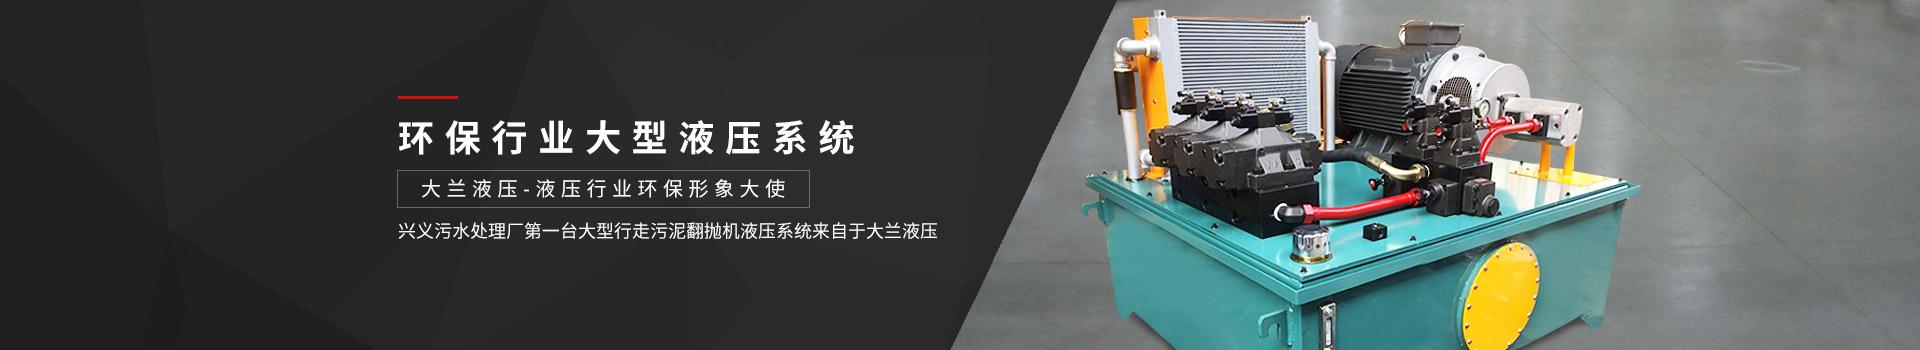 大兰液压 环保行业大型液压系统